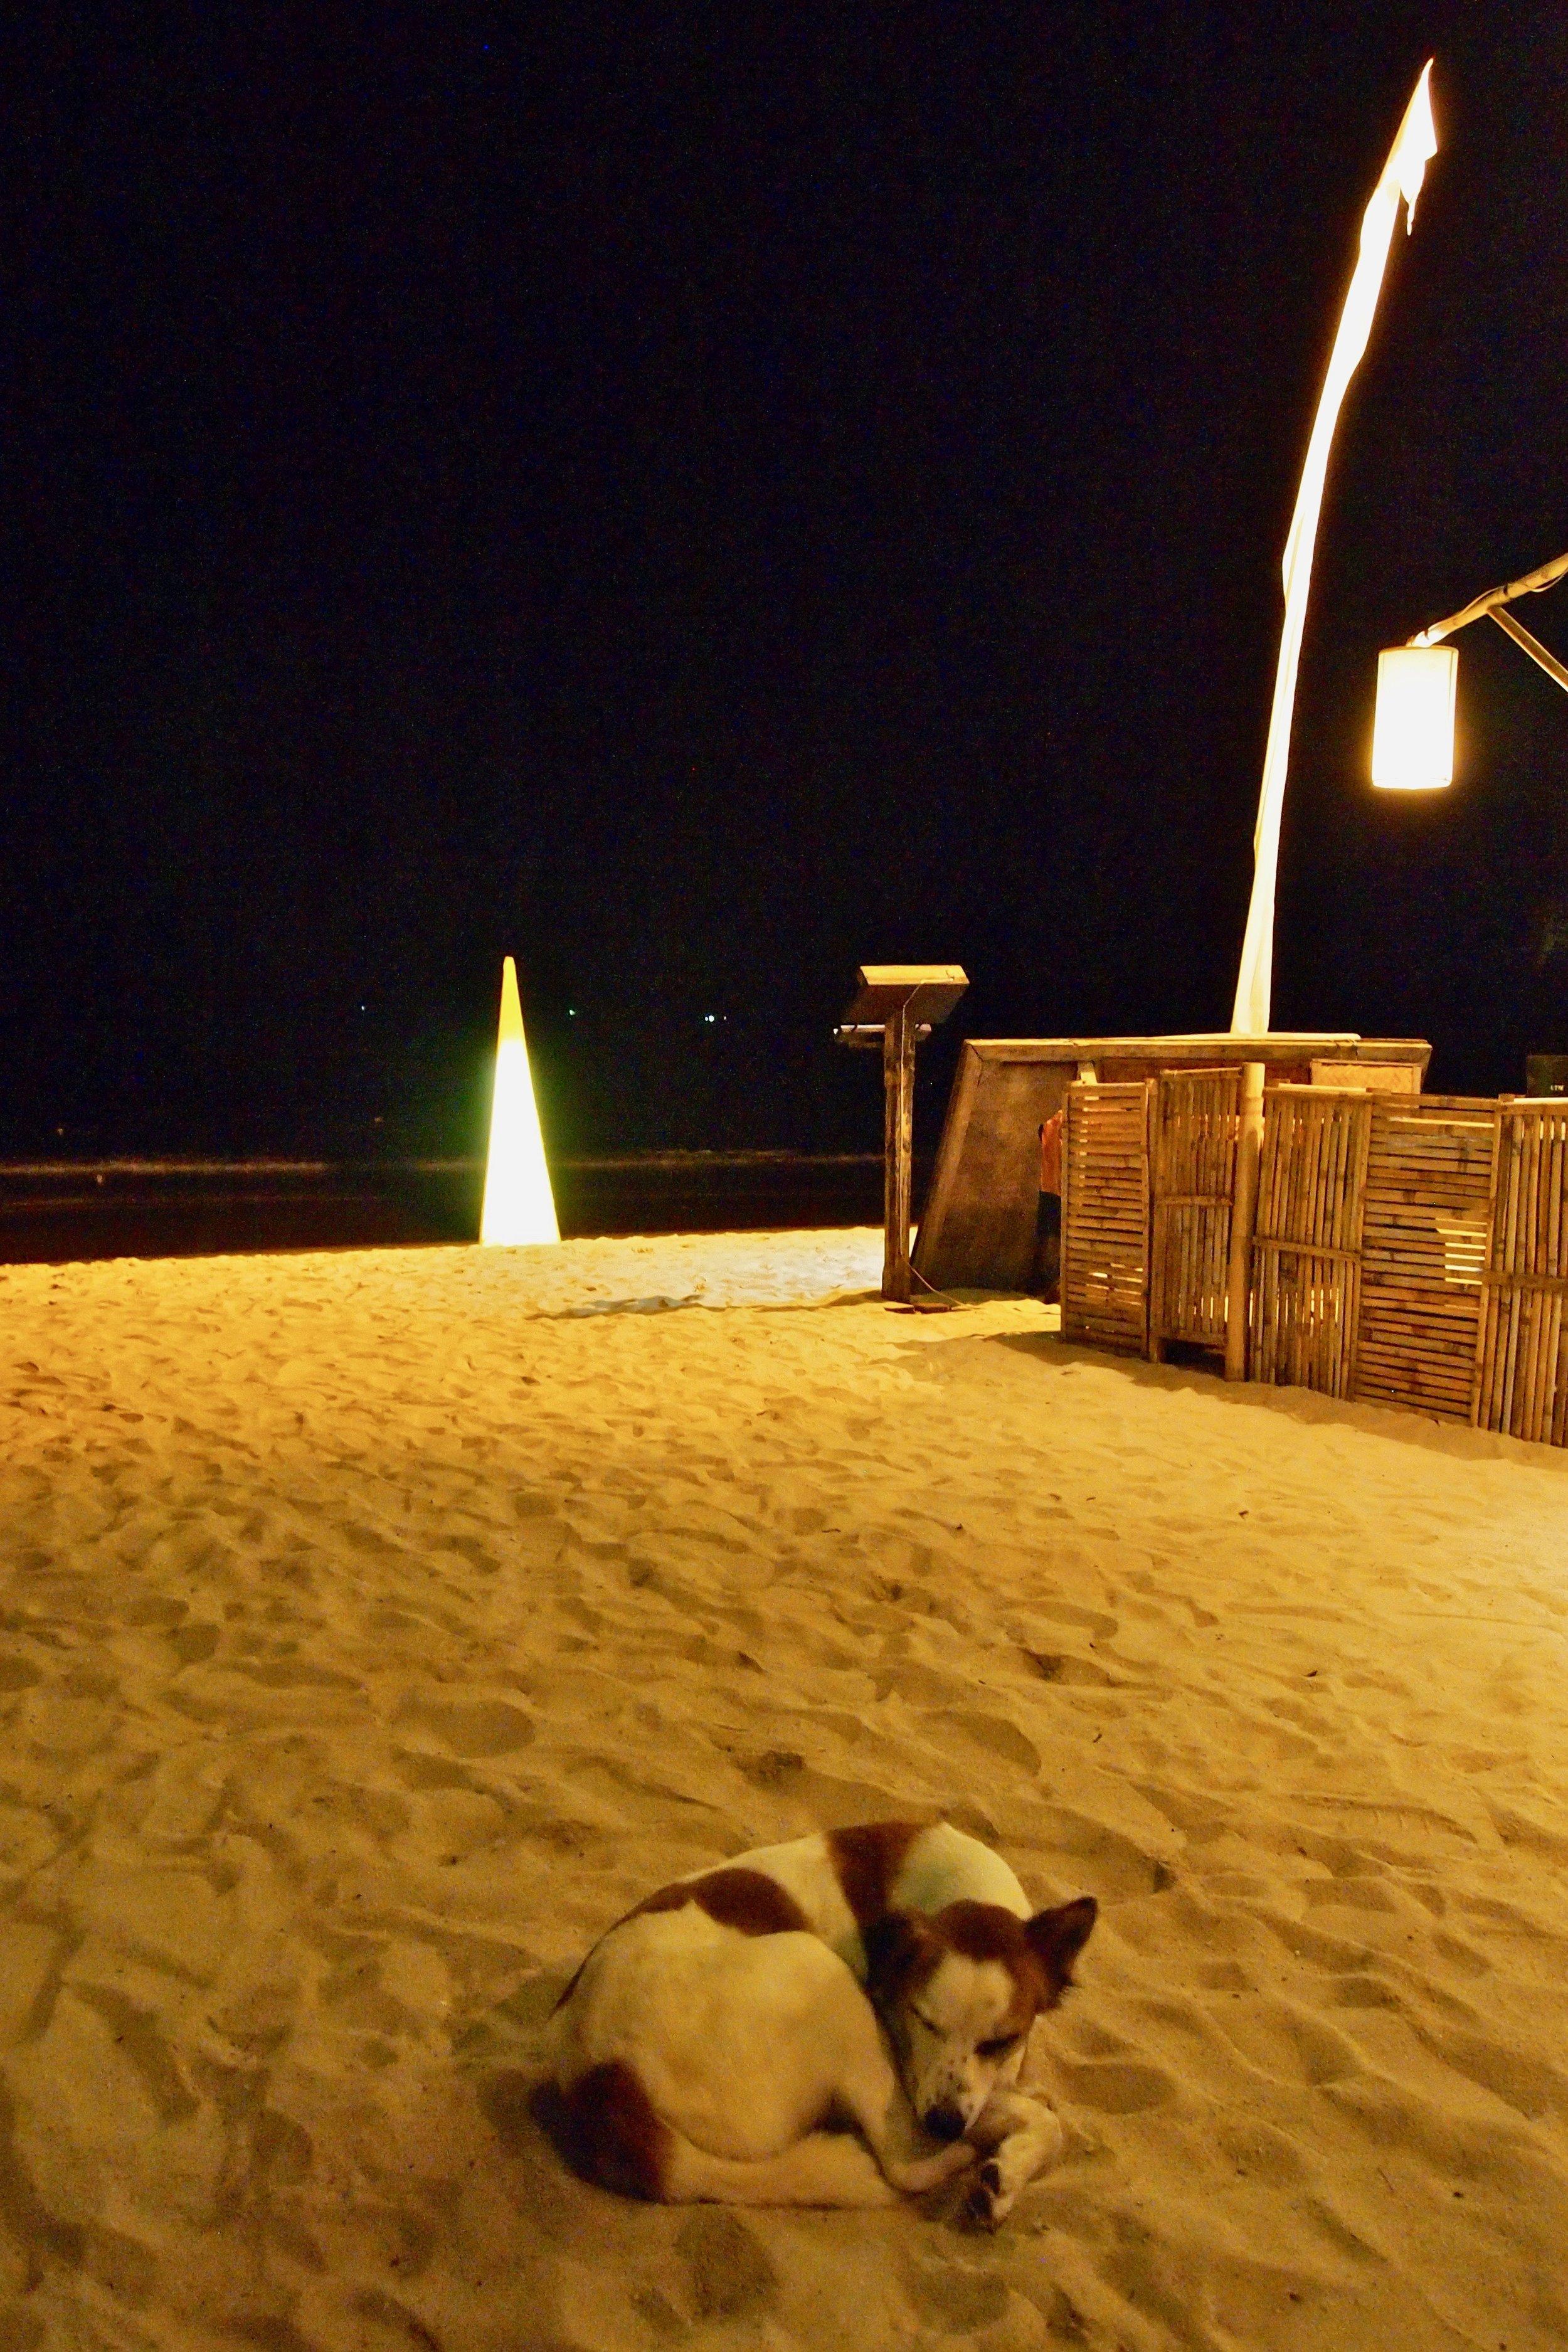 Beach in Thailand. (C) Remko Tanis